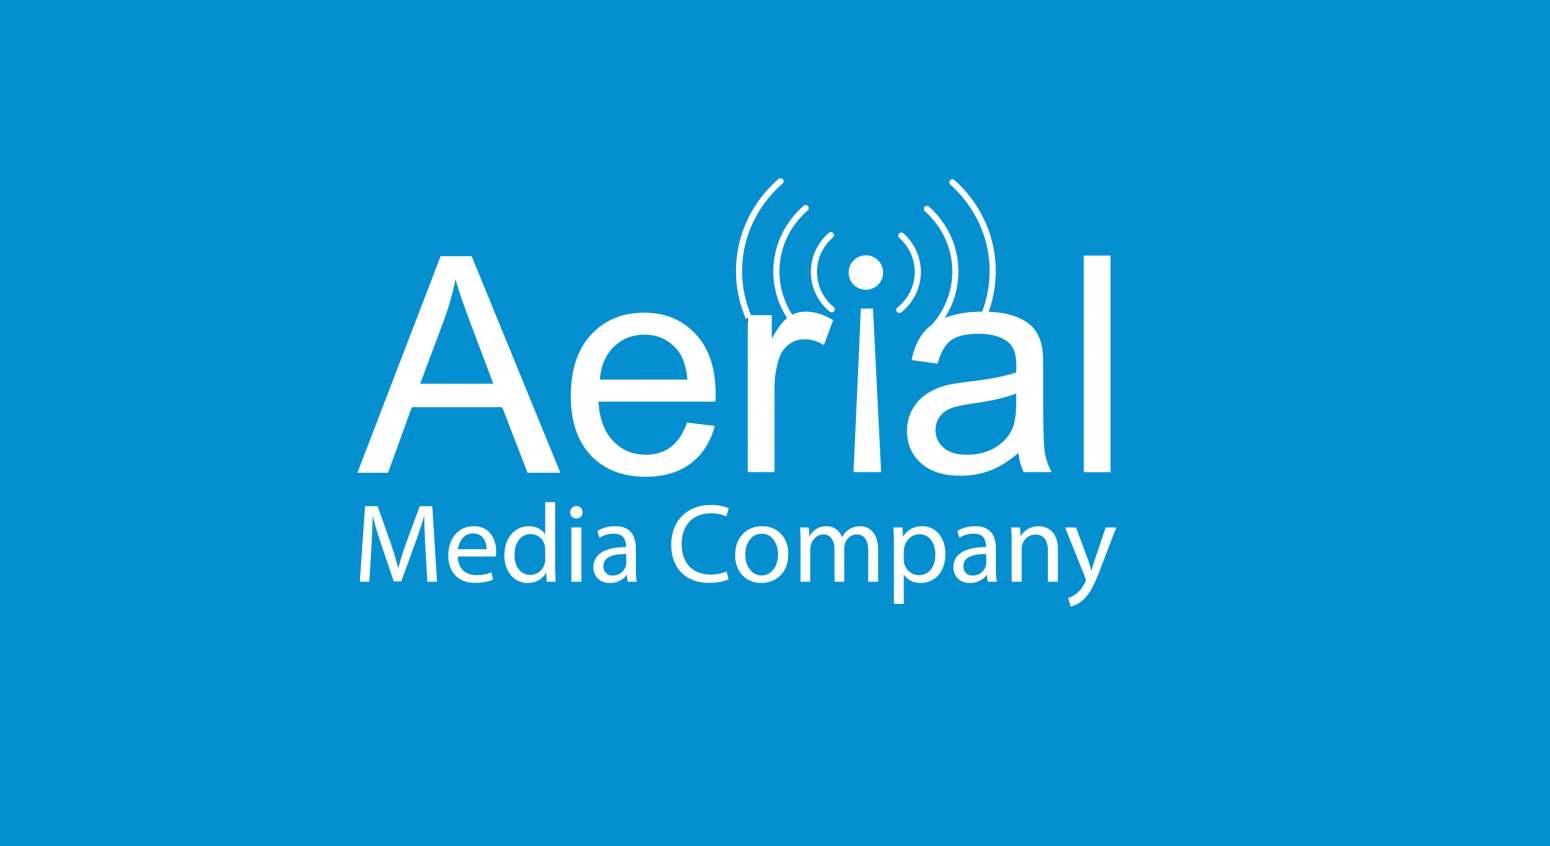 AerialMediaCompany Logo